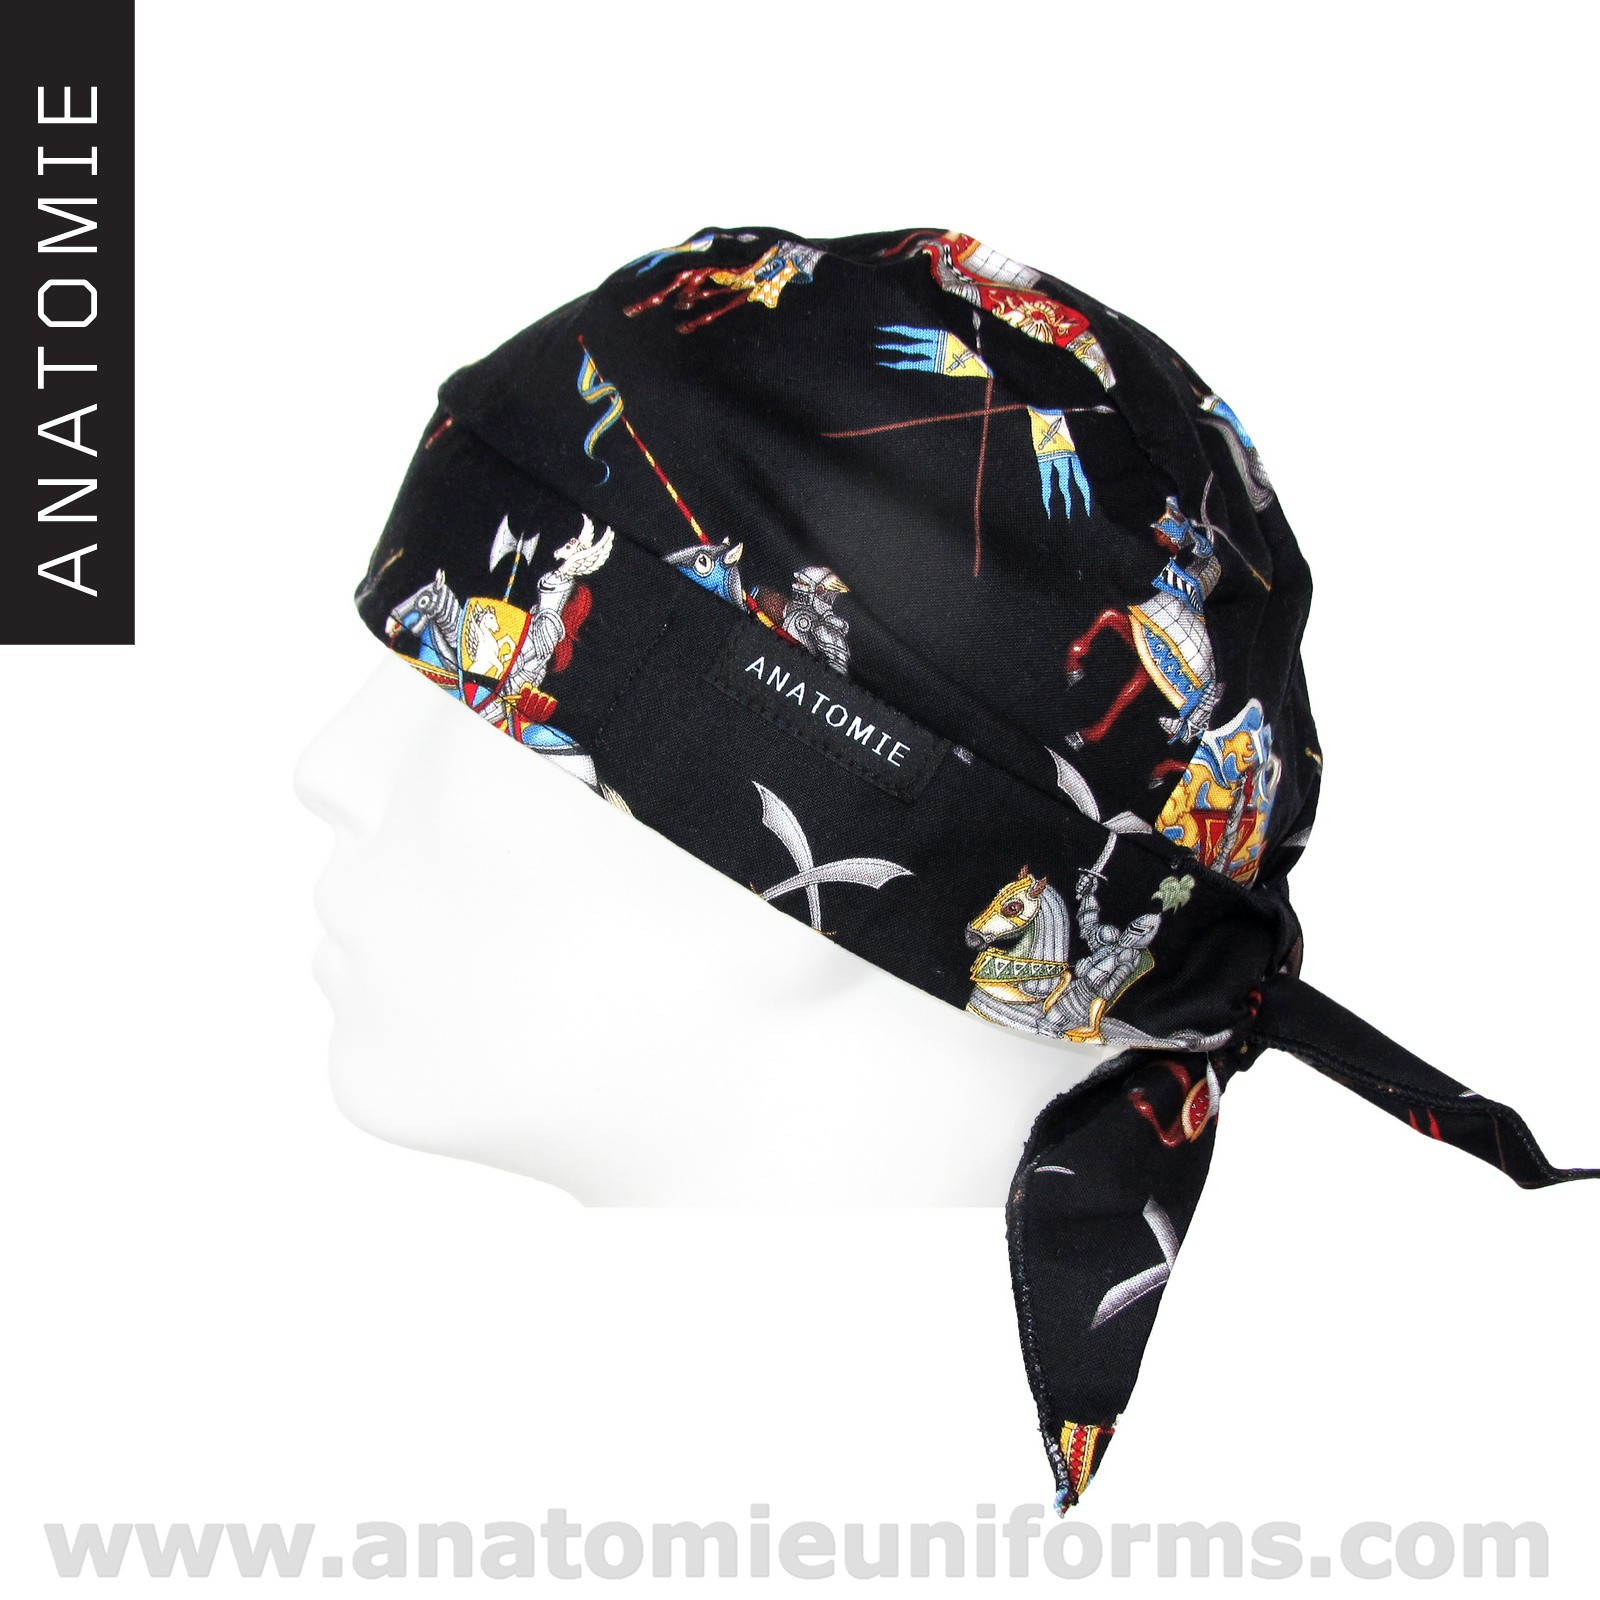 ANATOMIE BANDANA Knights- 013